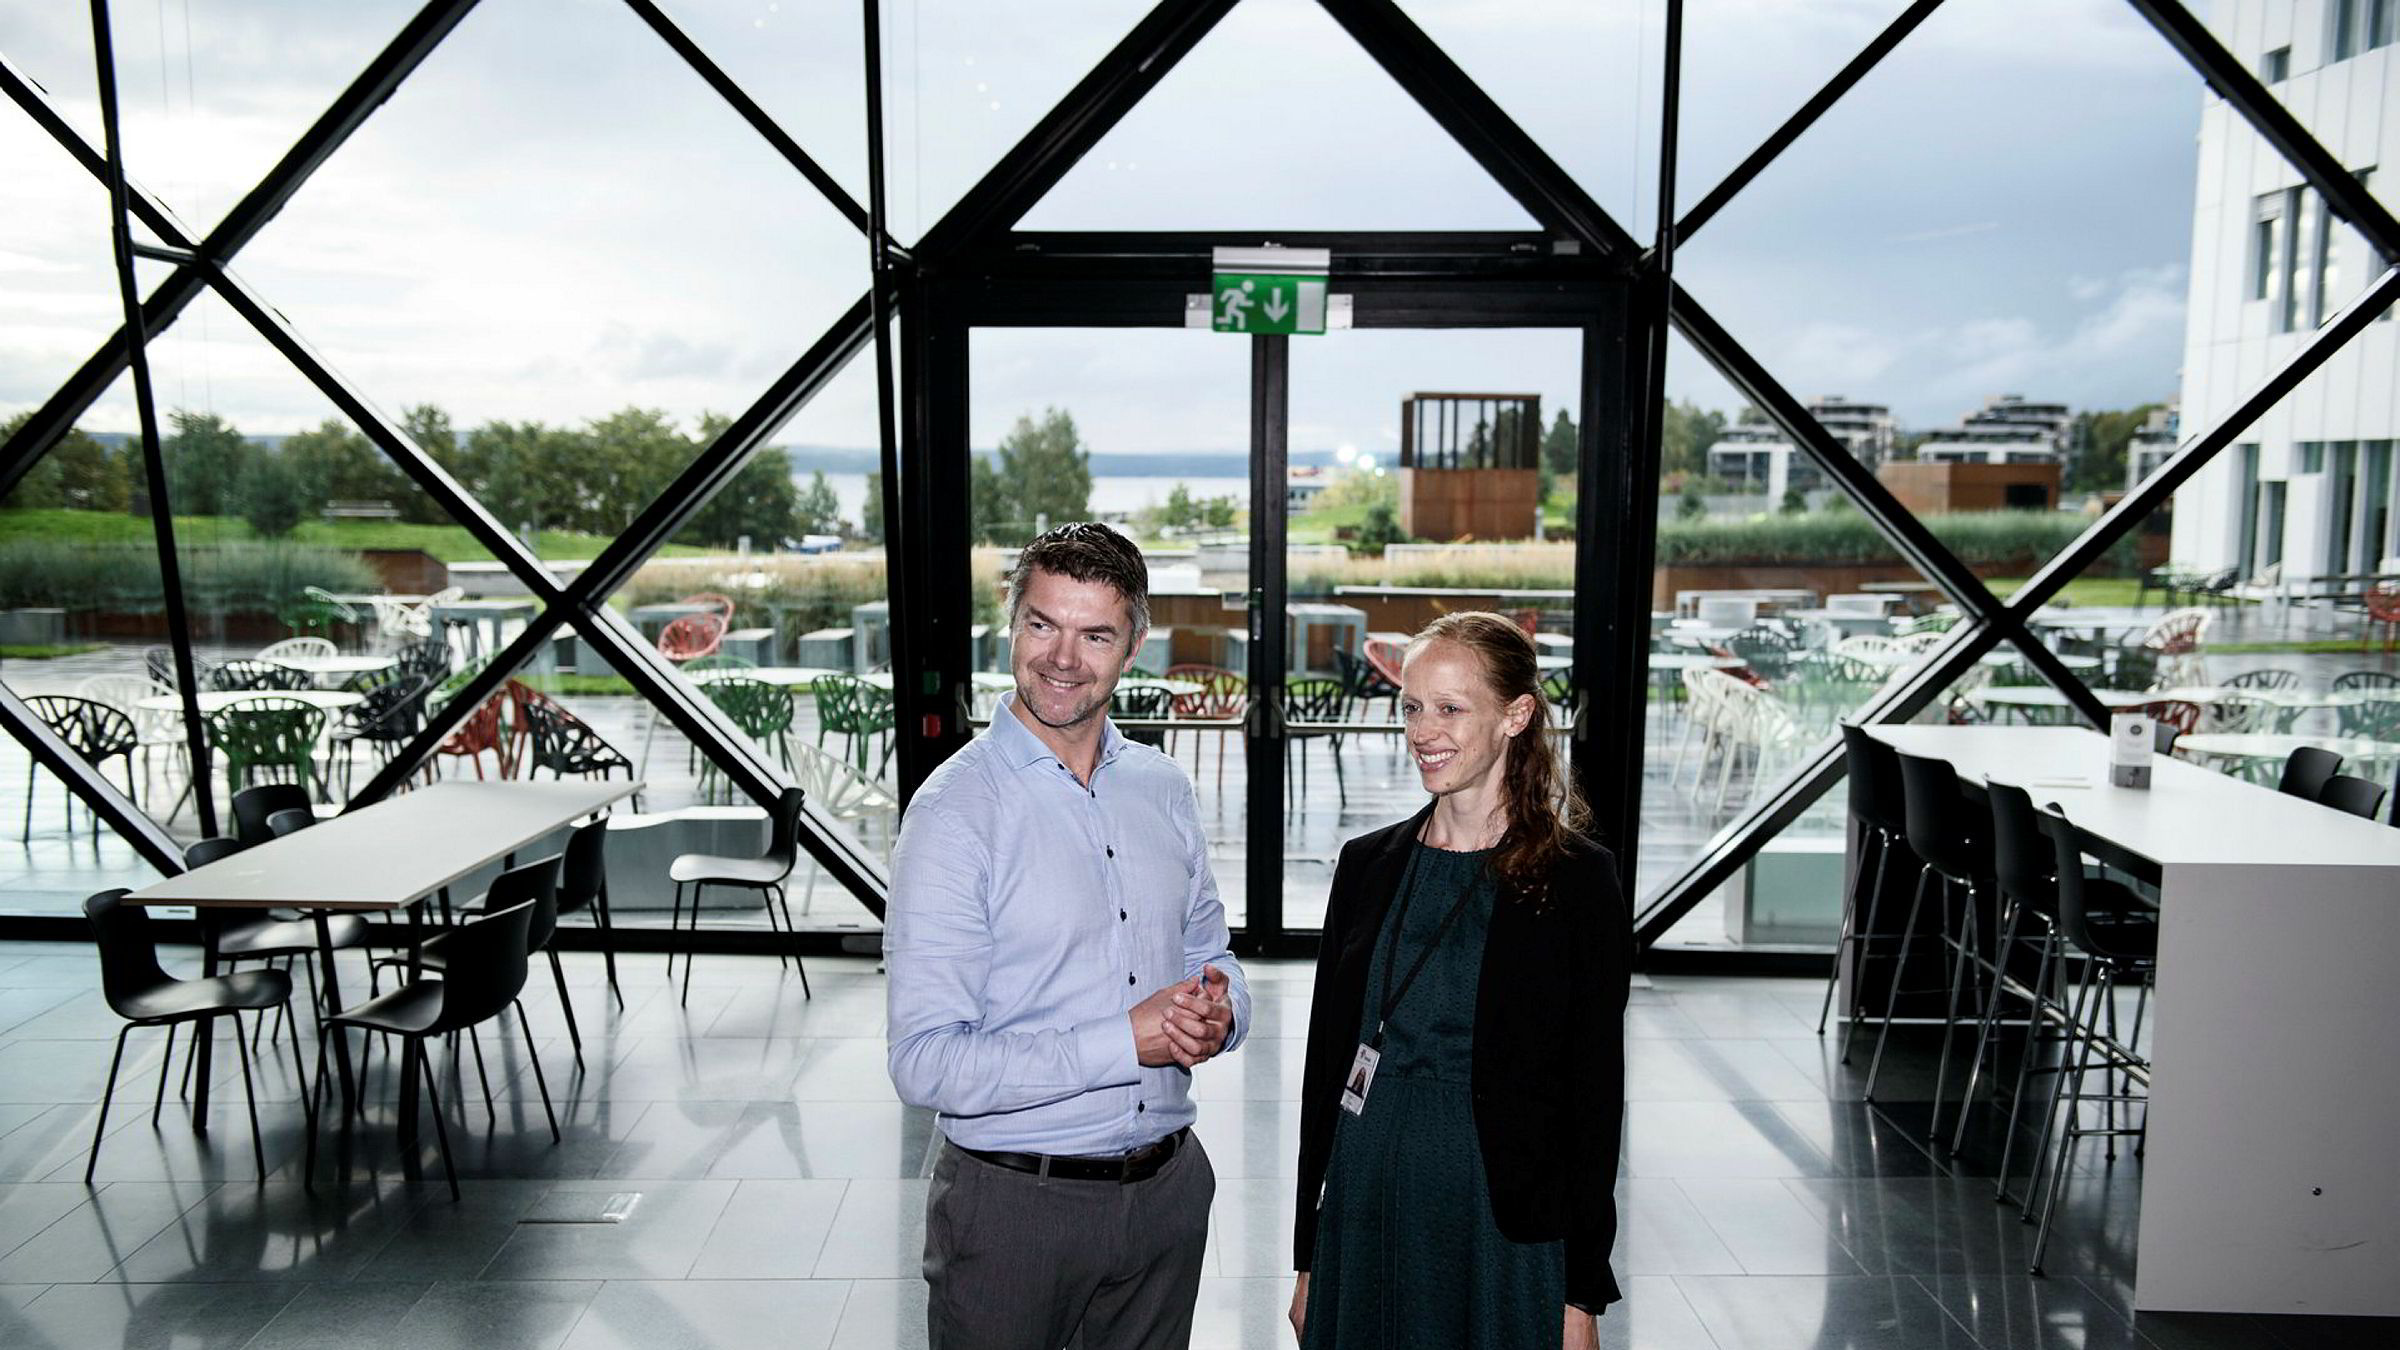 Audun Abelsnes i Techstars skal sørge for at Statoil kan hente inspirasjon fra gründermiljøer. – Vi skal ha 25–30 mentorer i programmet. Dette er noe folk virkelig vil være med på, det er en sjanse til å bli smittet av gründerbasillen, sier Ragnhild Ulvik, leder for Statoils innovasjonsteam.